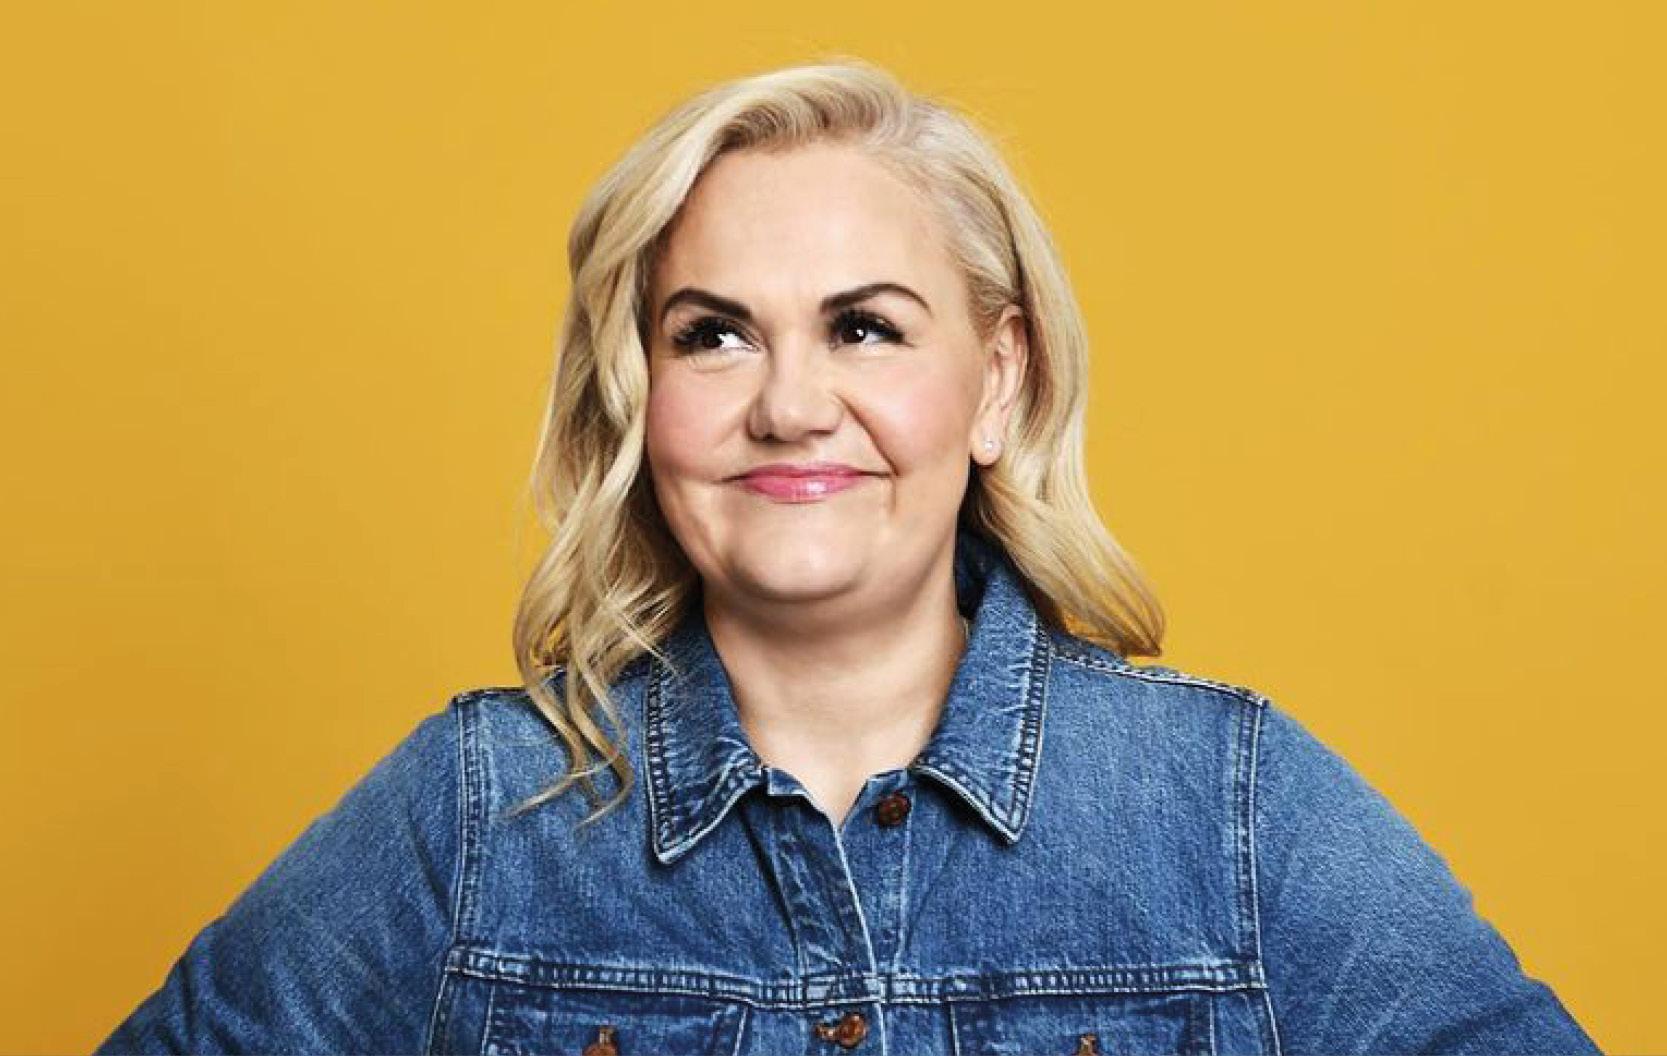 Caroline Hirons - Author of Skincare by Caroline Hirons